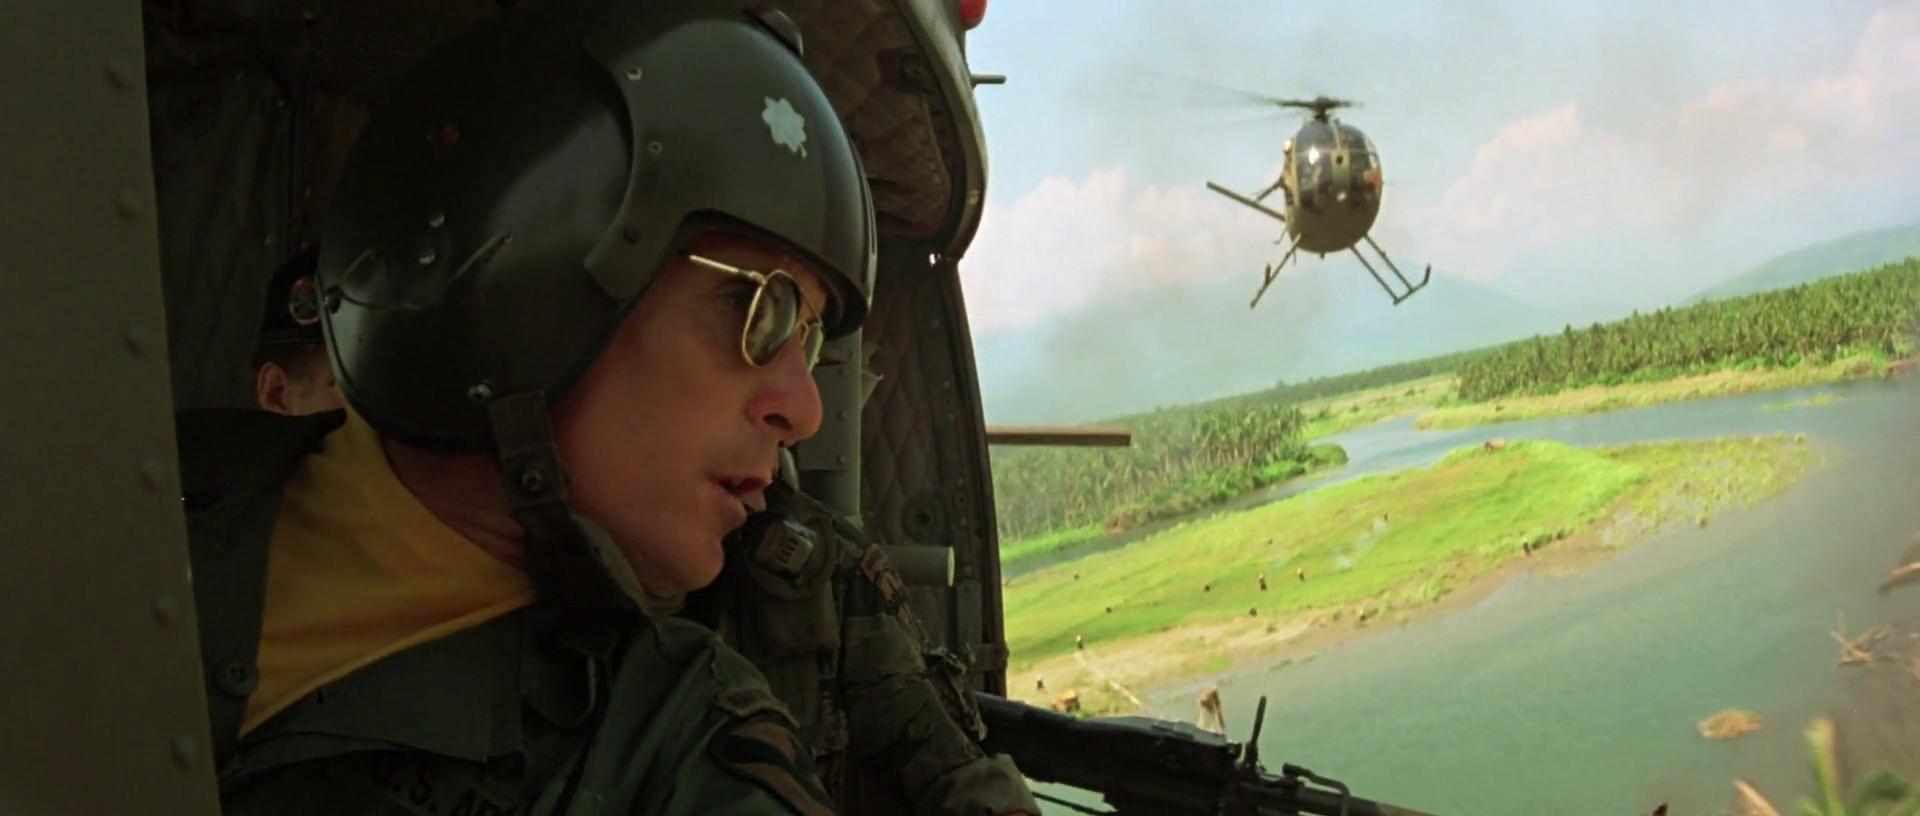 Apocalypse Now 8